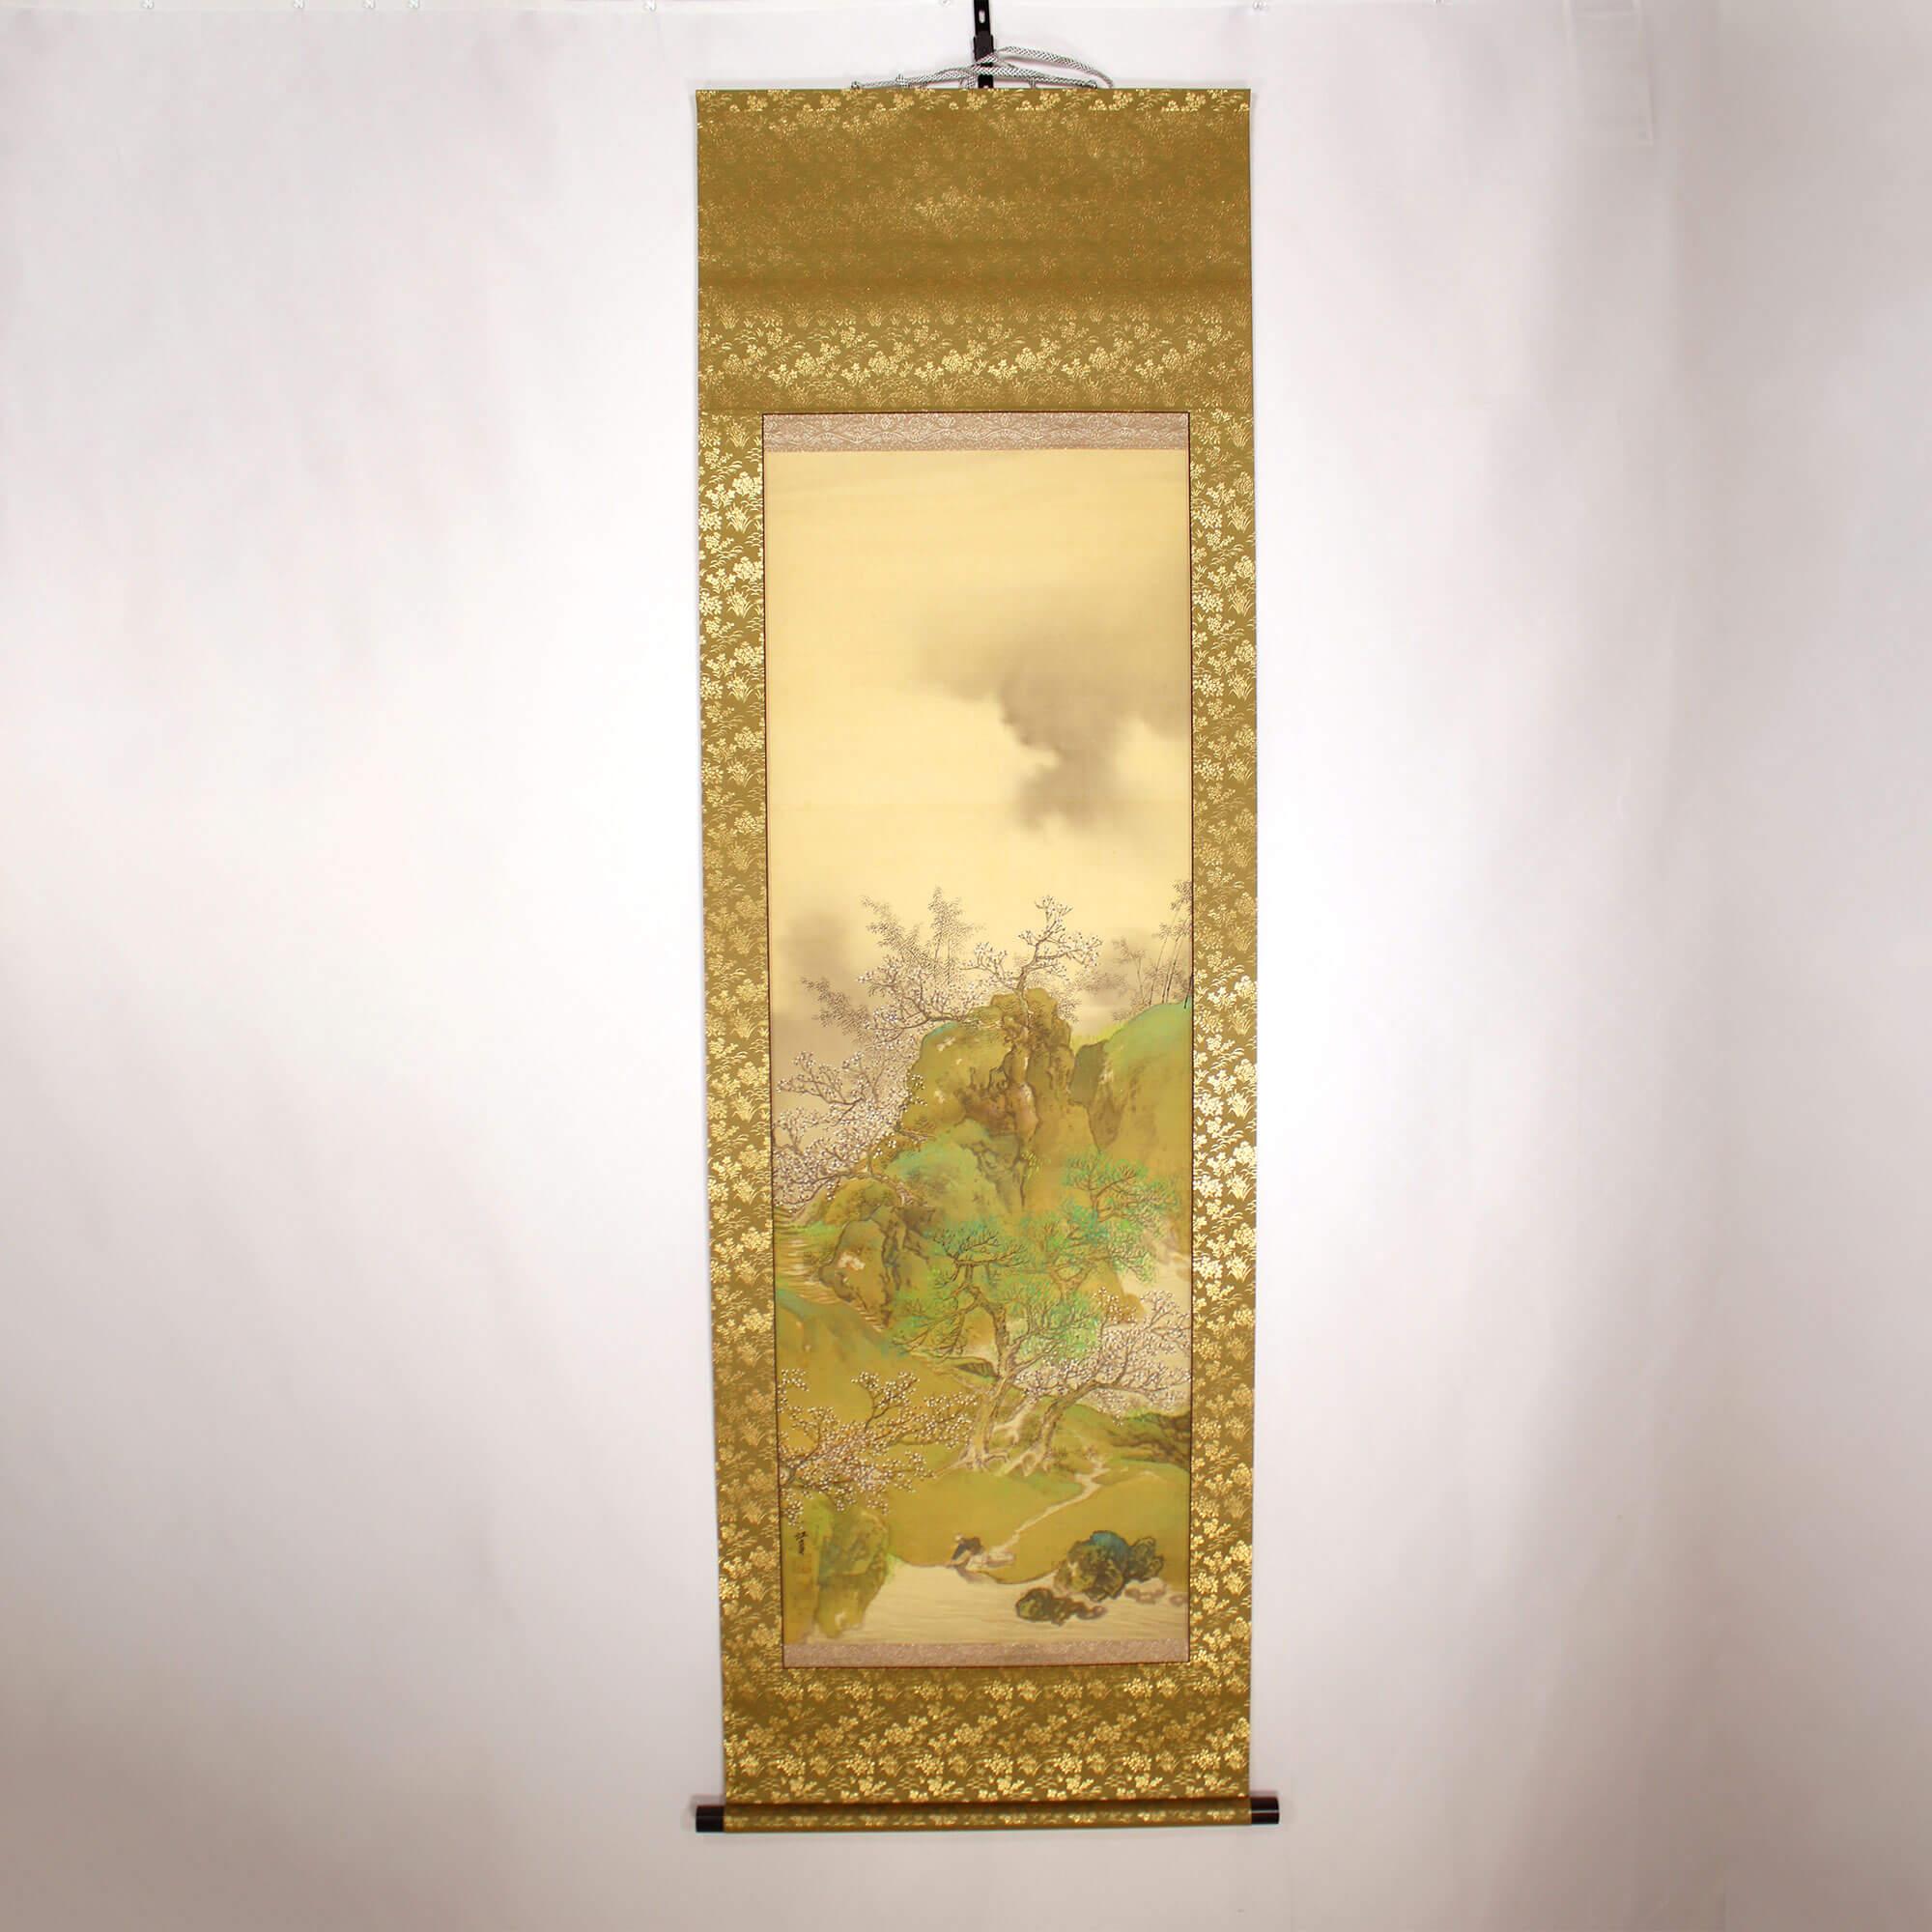 Landscape Painting: Plum Blossoms / Kōtei Fukui